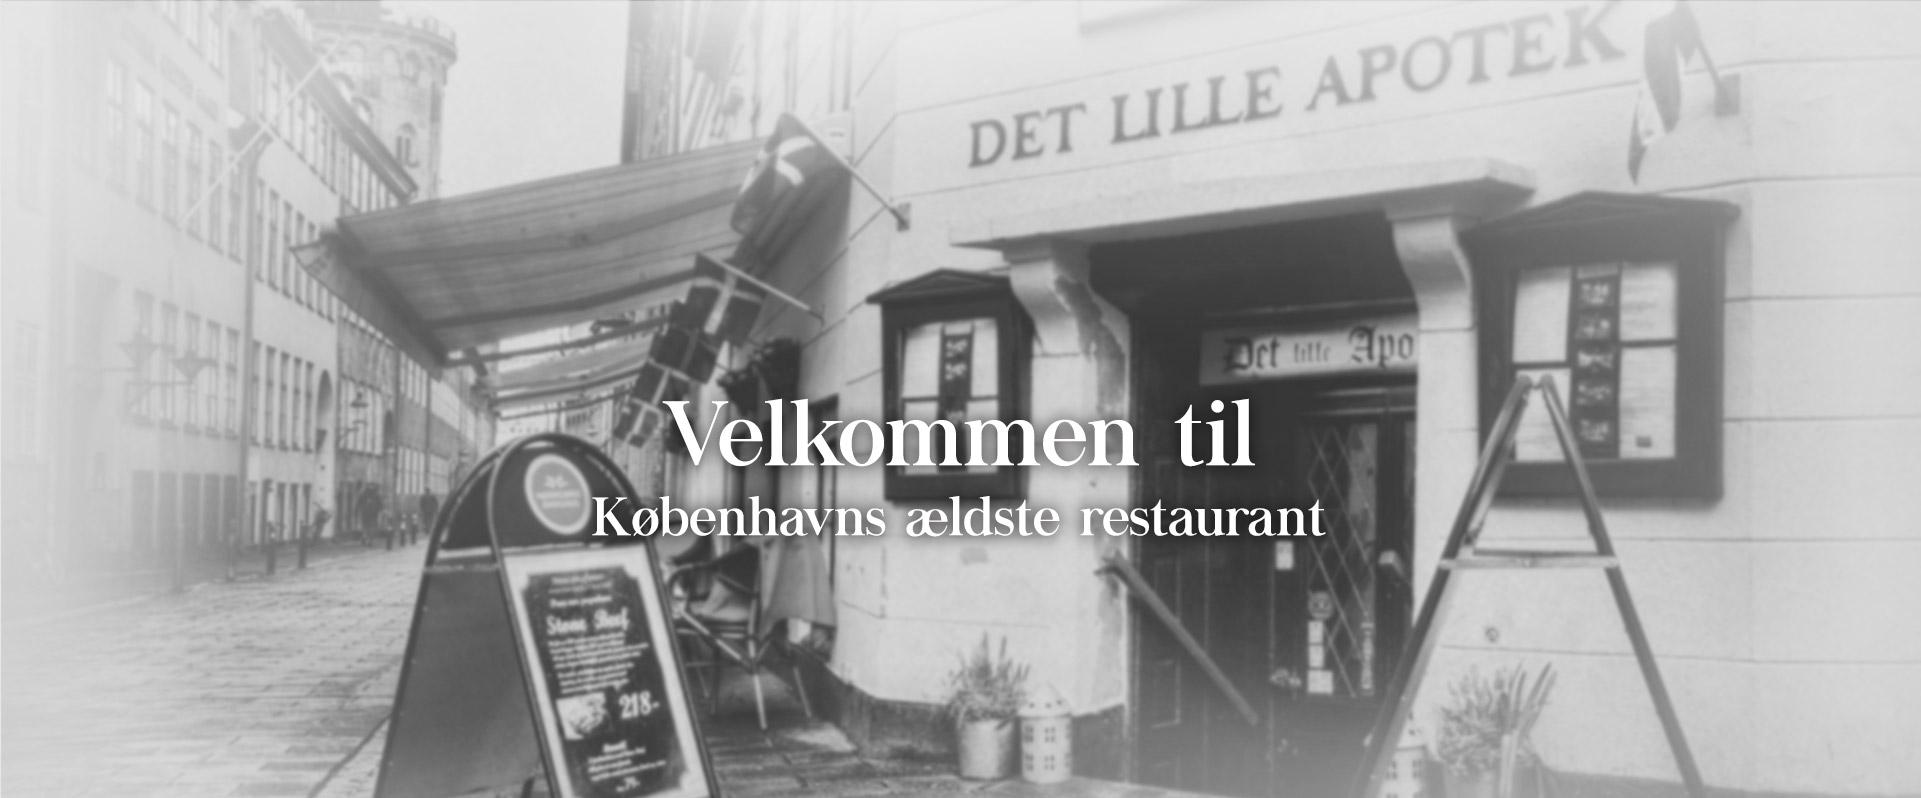 Velkommen til Københavns ældste restaurant